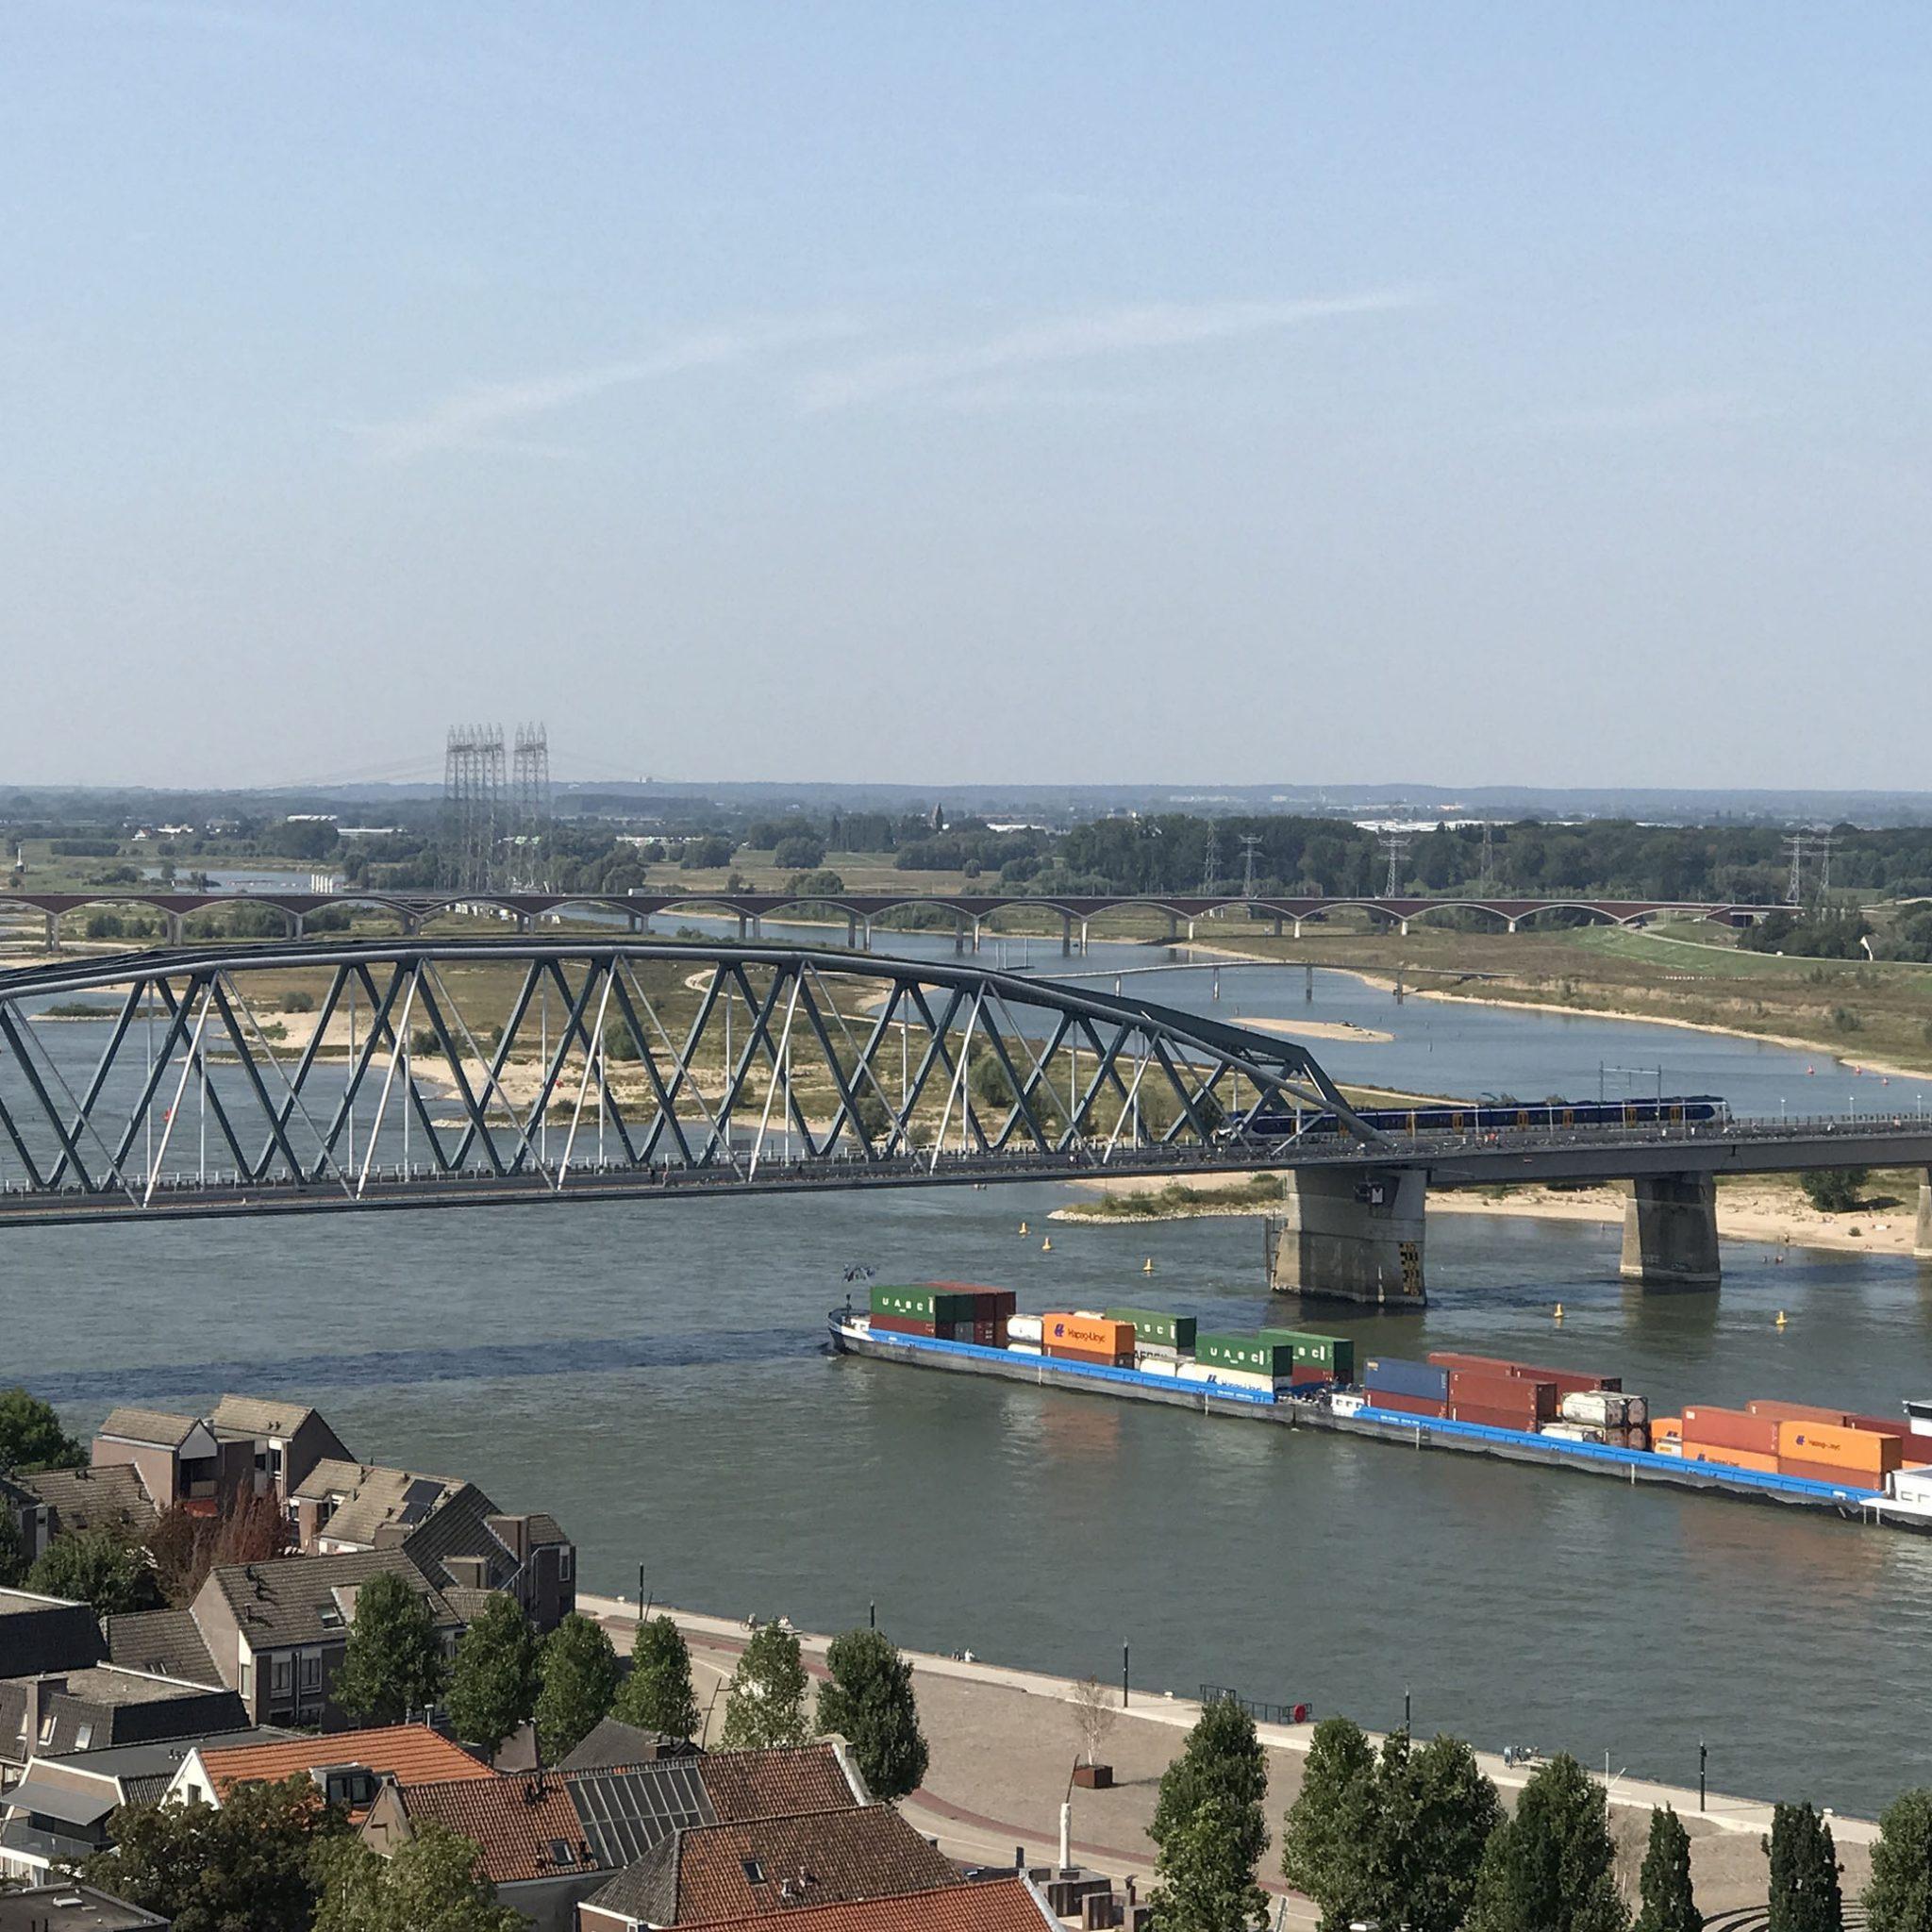 Per jaar varen 70.000 schepen over de Waal om goederen te vervoeren van Rotterdam naar Duitsland en andersom. (Foto Erik van Huizen)